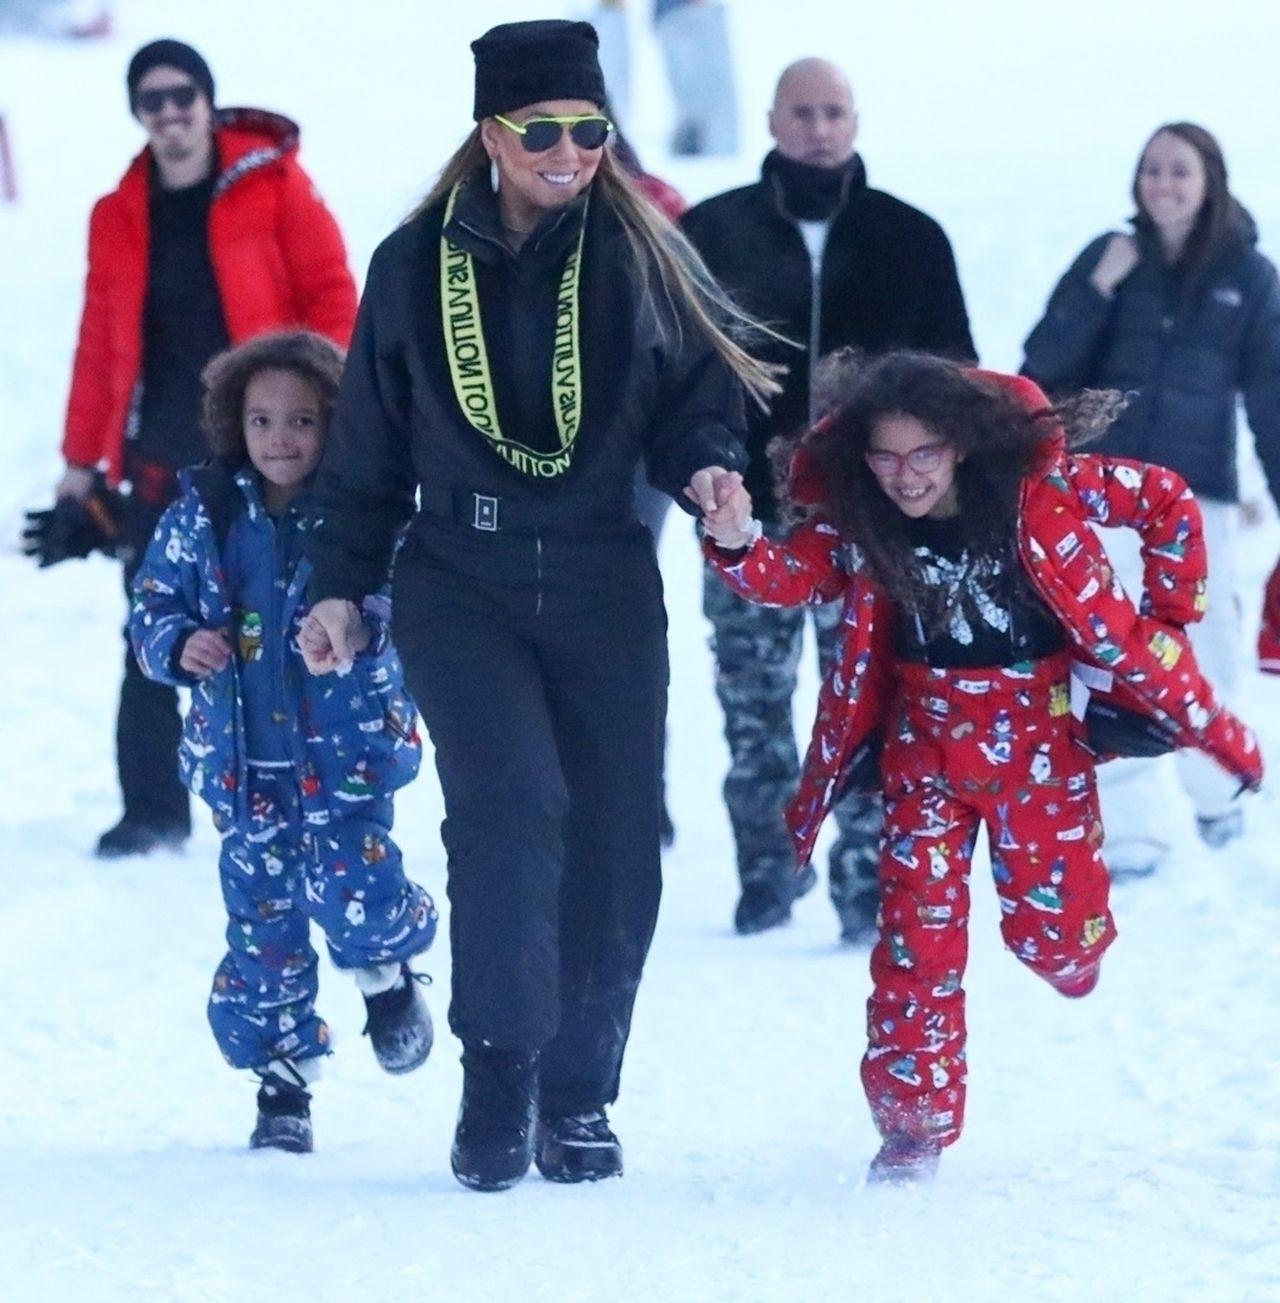 Dzieci Mariah Carey szaleją z mamą na śniegu (ZDJĘCIA)